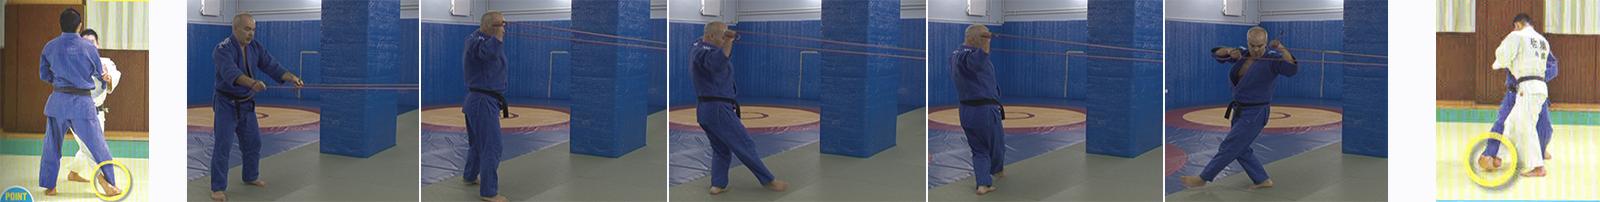 Упражнения с резиновым эспандером. Бросок подсечка изнутри - Ko-uchi-gari.